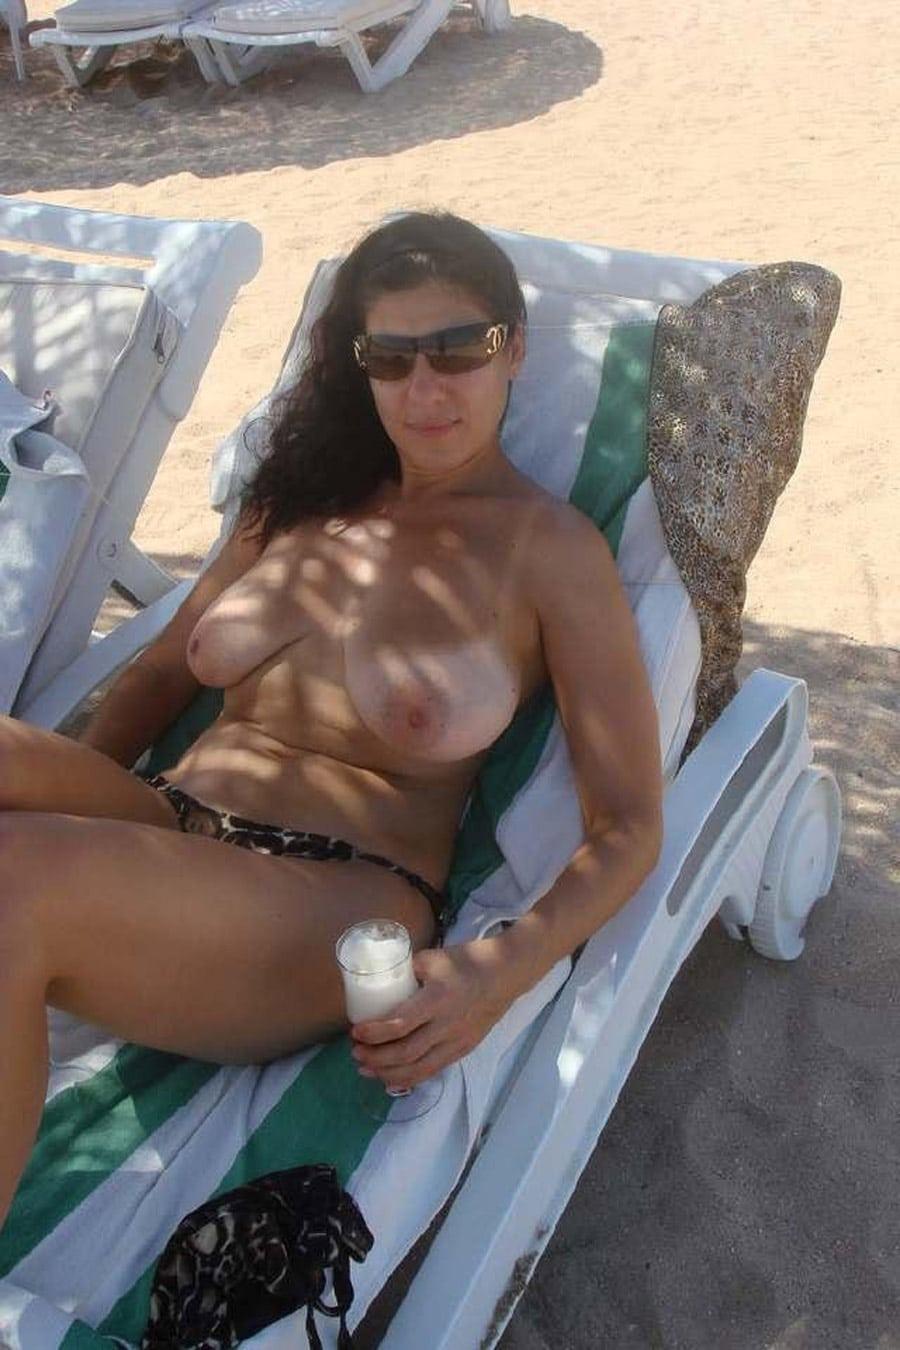 femme nue plage escort ile de france